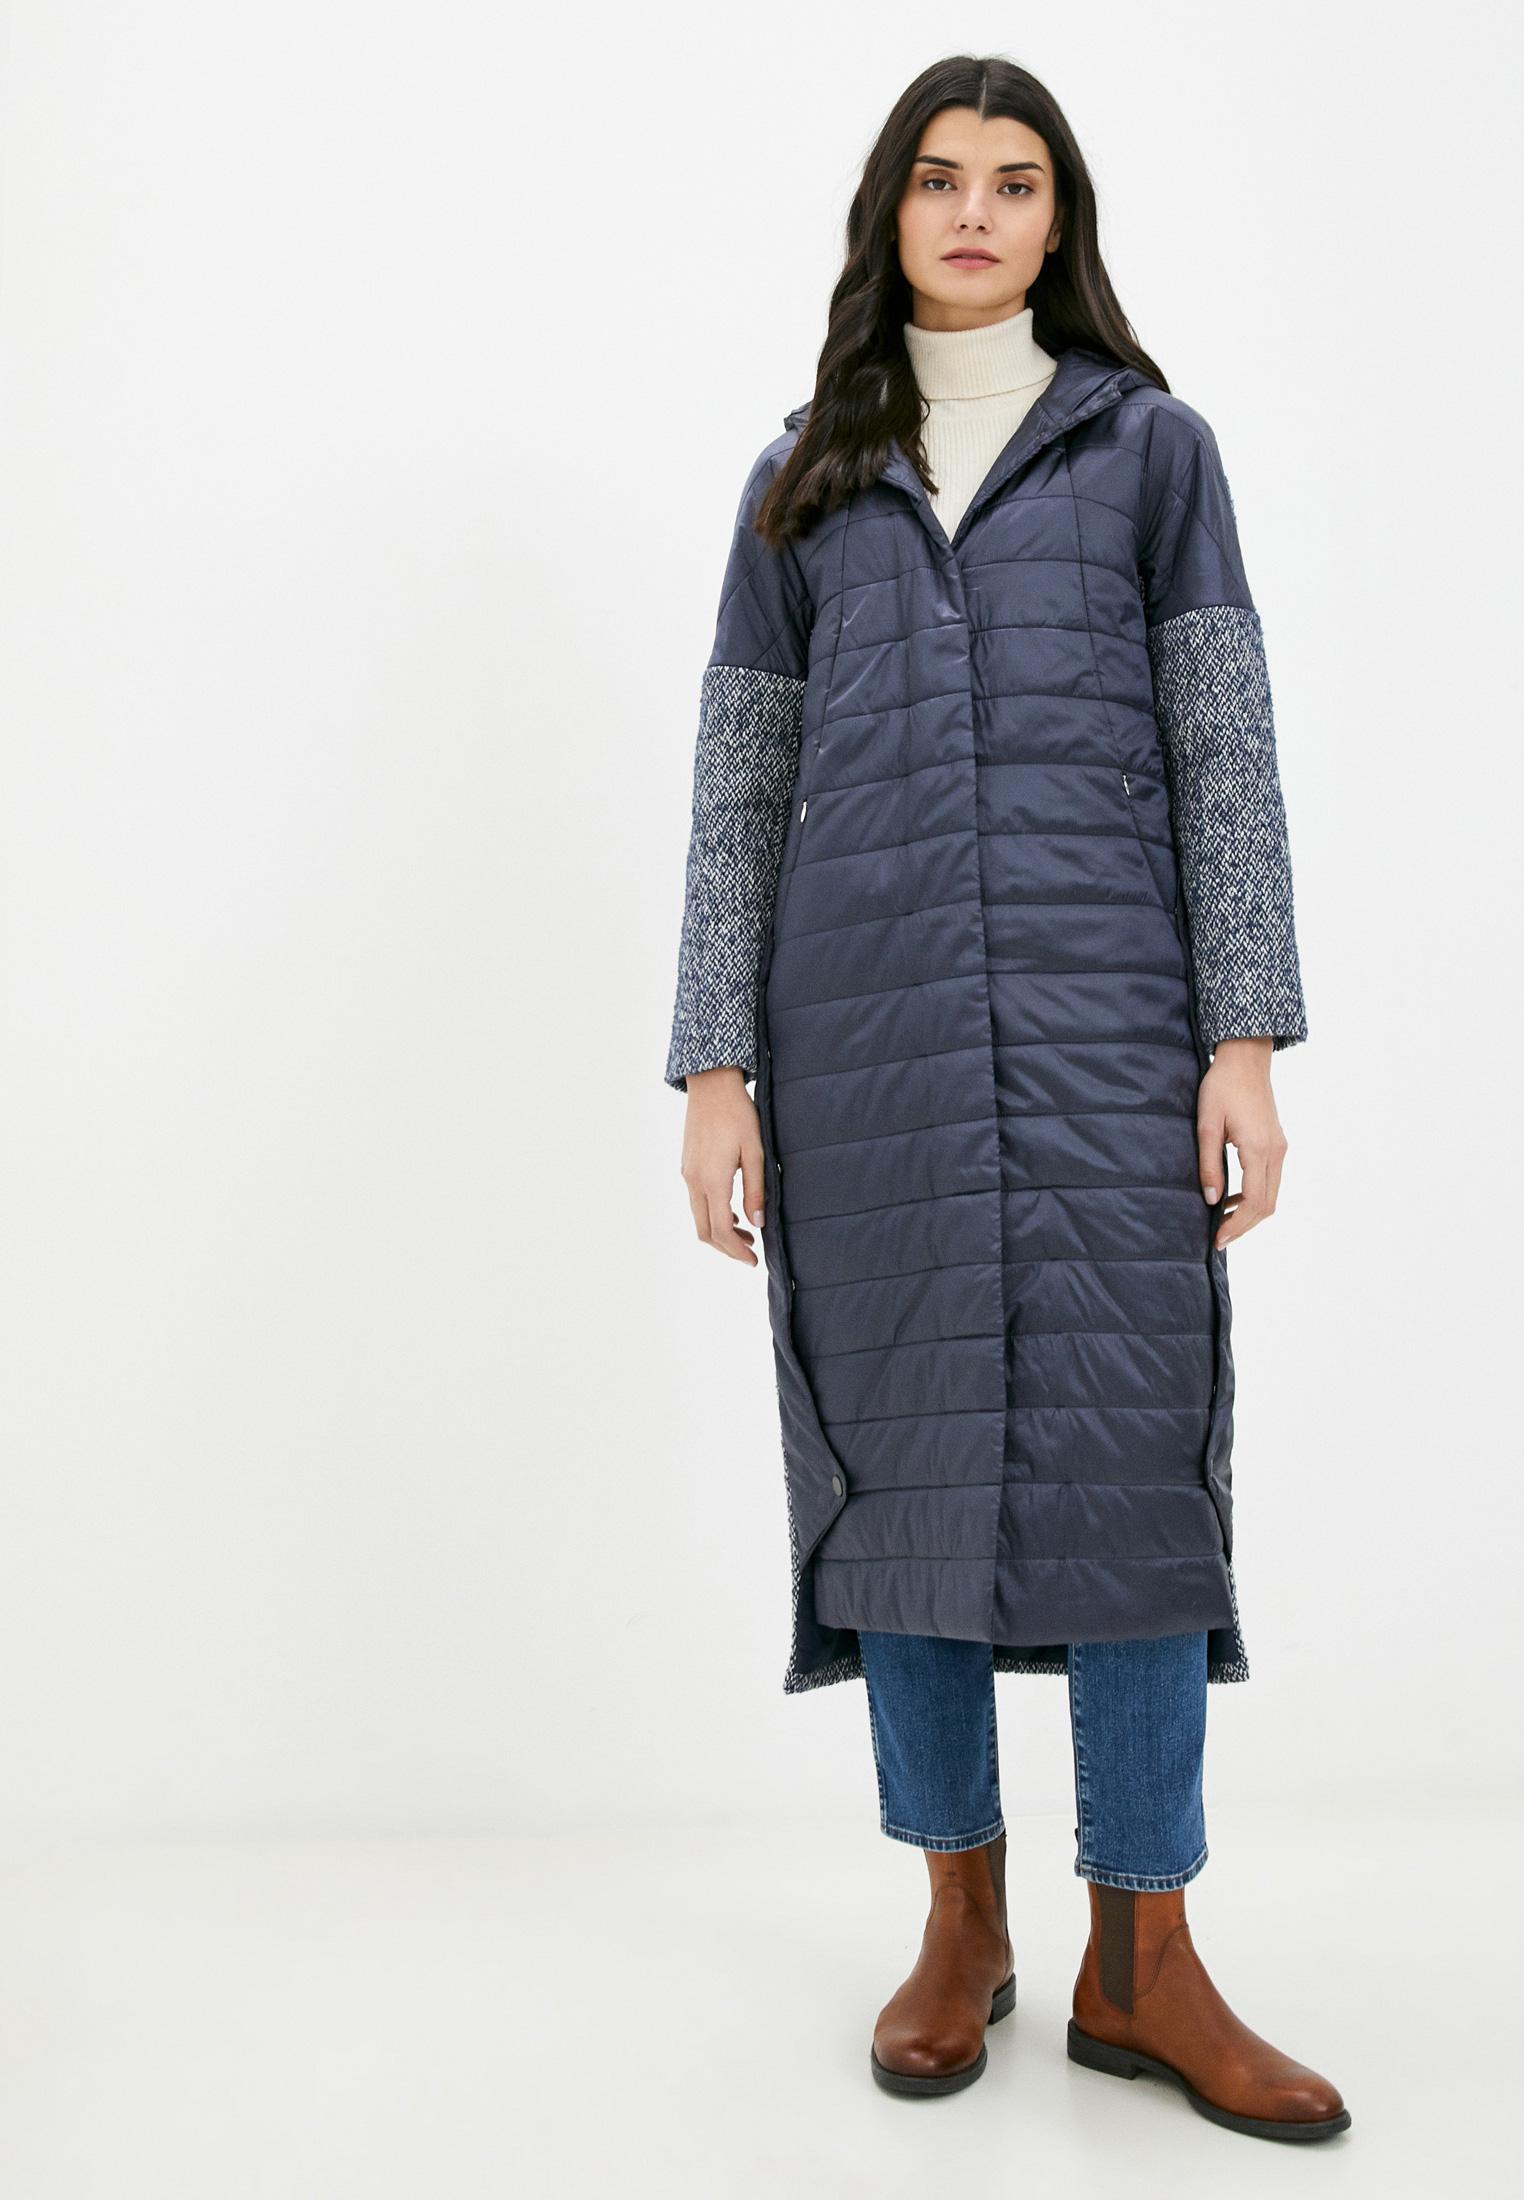 Утепленная куртка Nataliy Beate Пальто мод 132